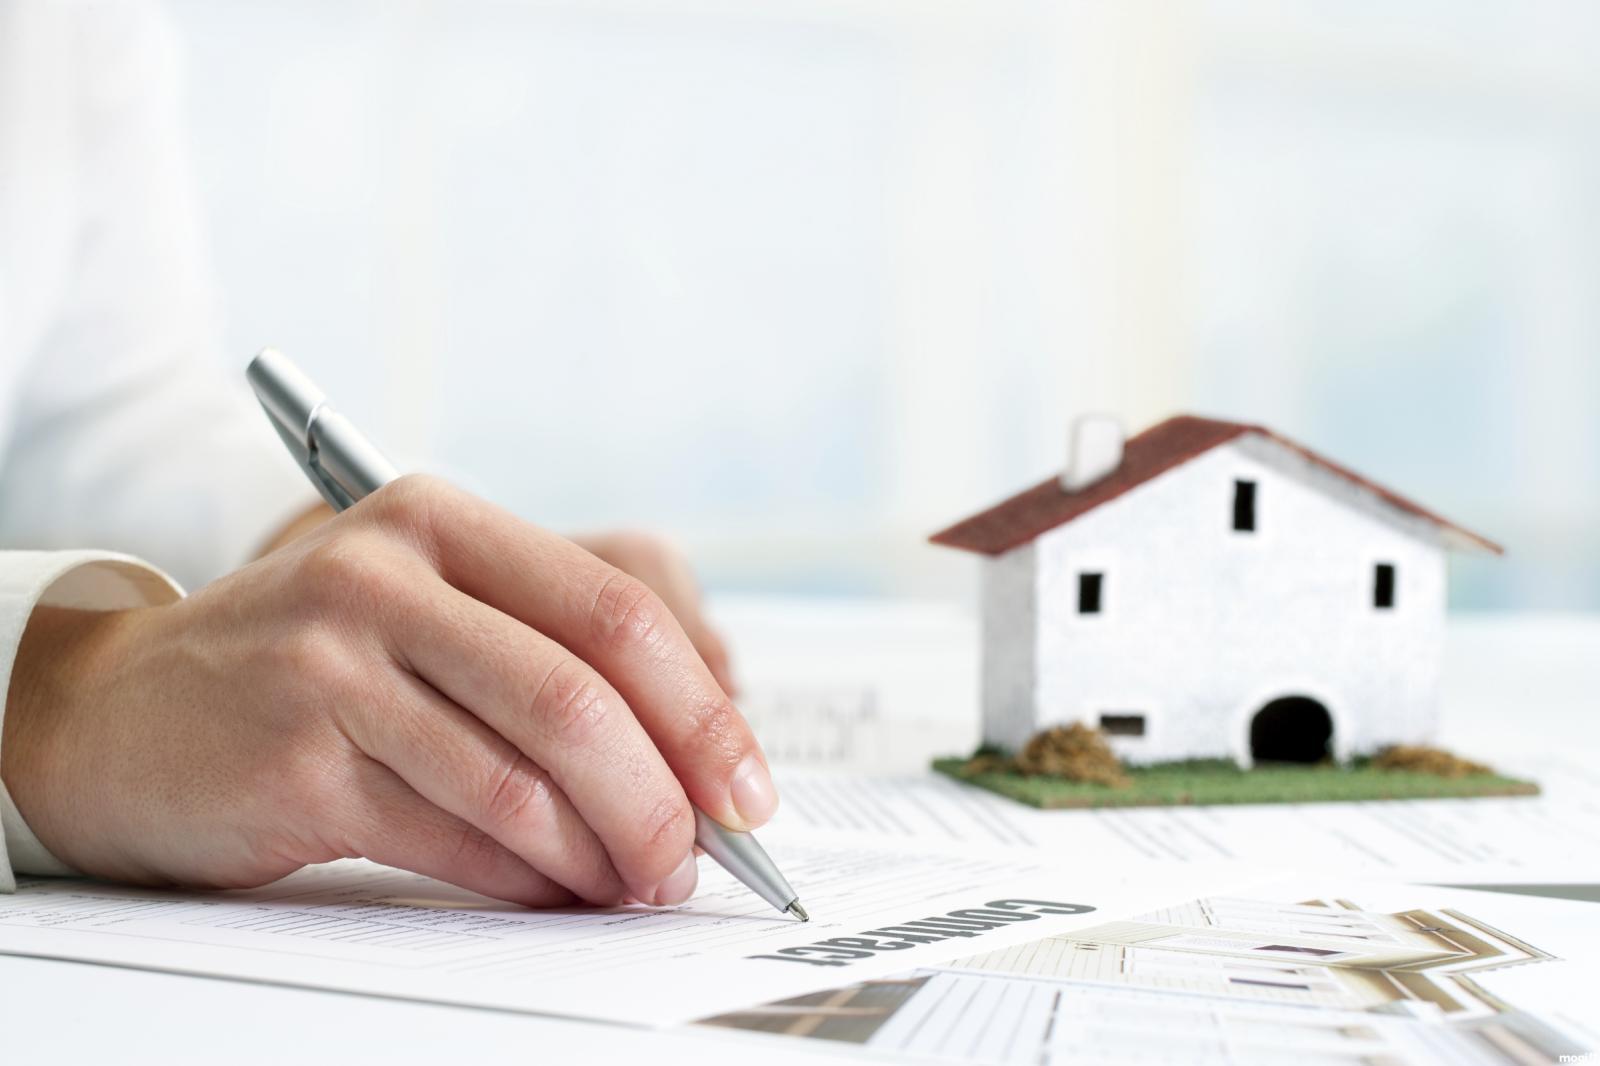 một người đang viết hợp đồng mua bán nhà đất bằng giấy tay